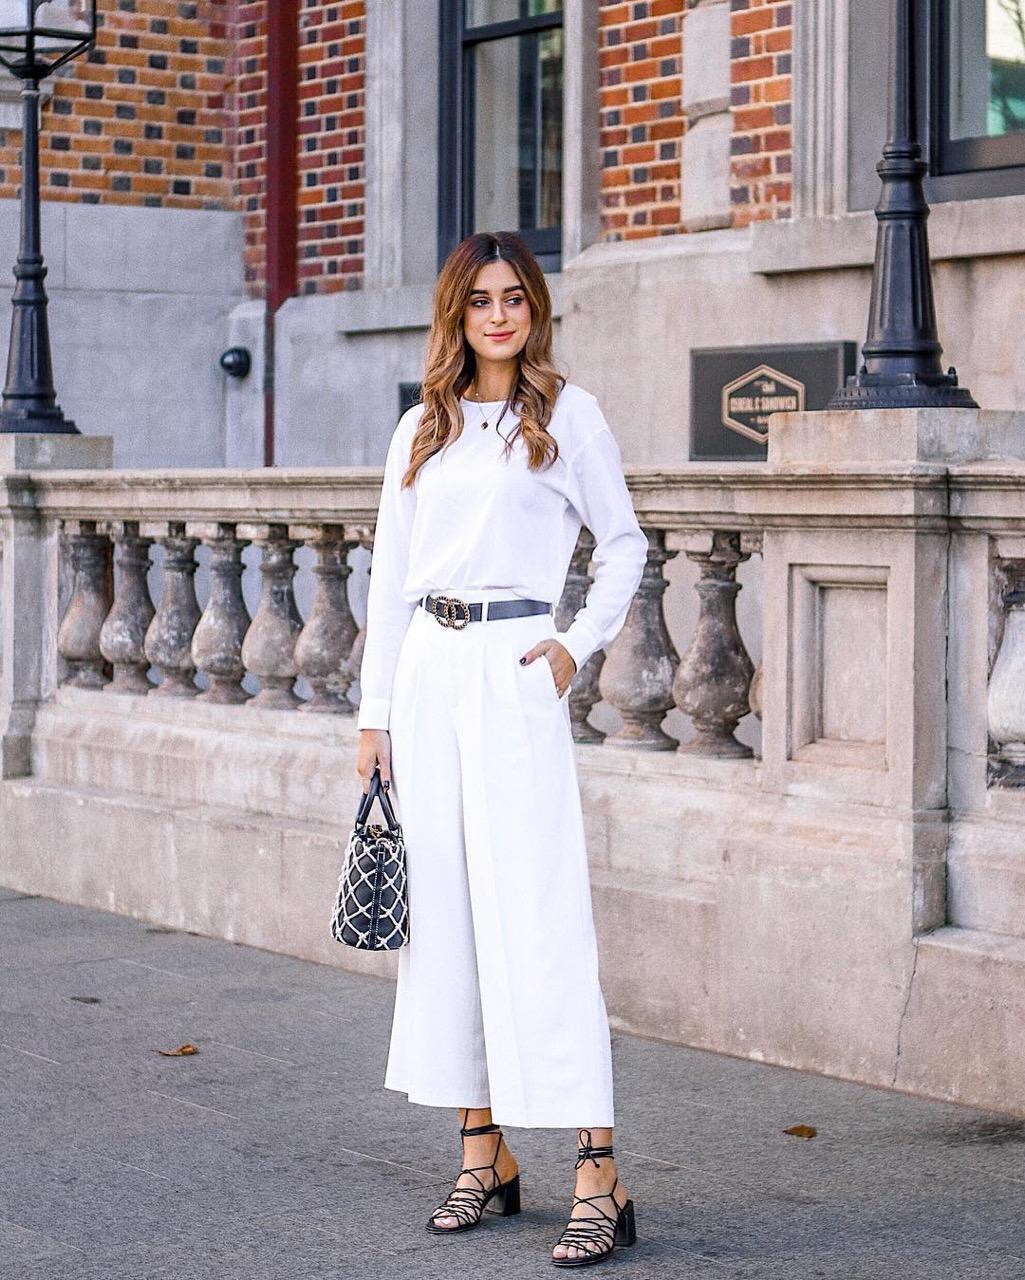 Perth: Ashleigh, Fashion Blogger, Perth.